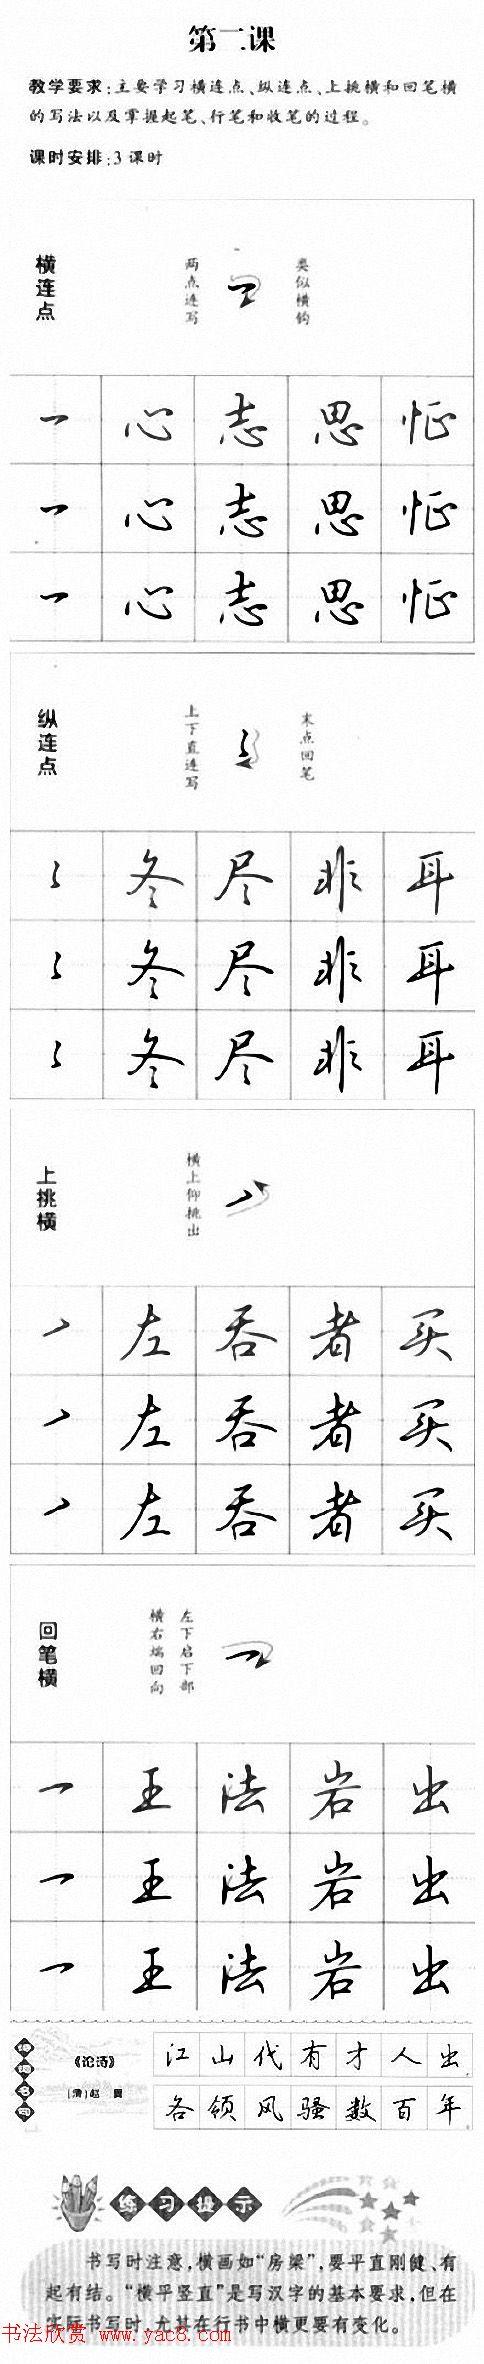 硬笔书法入门教程:基本笔画 行楷书法九课(4)